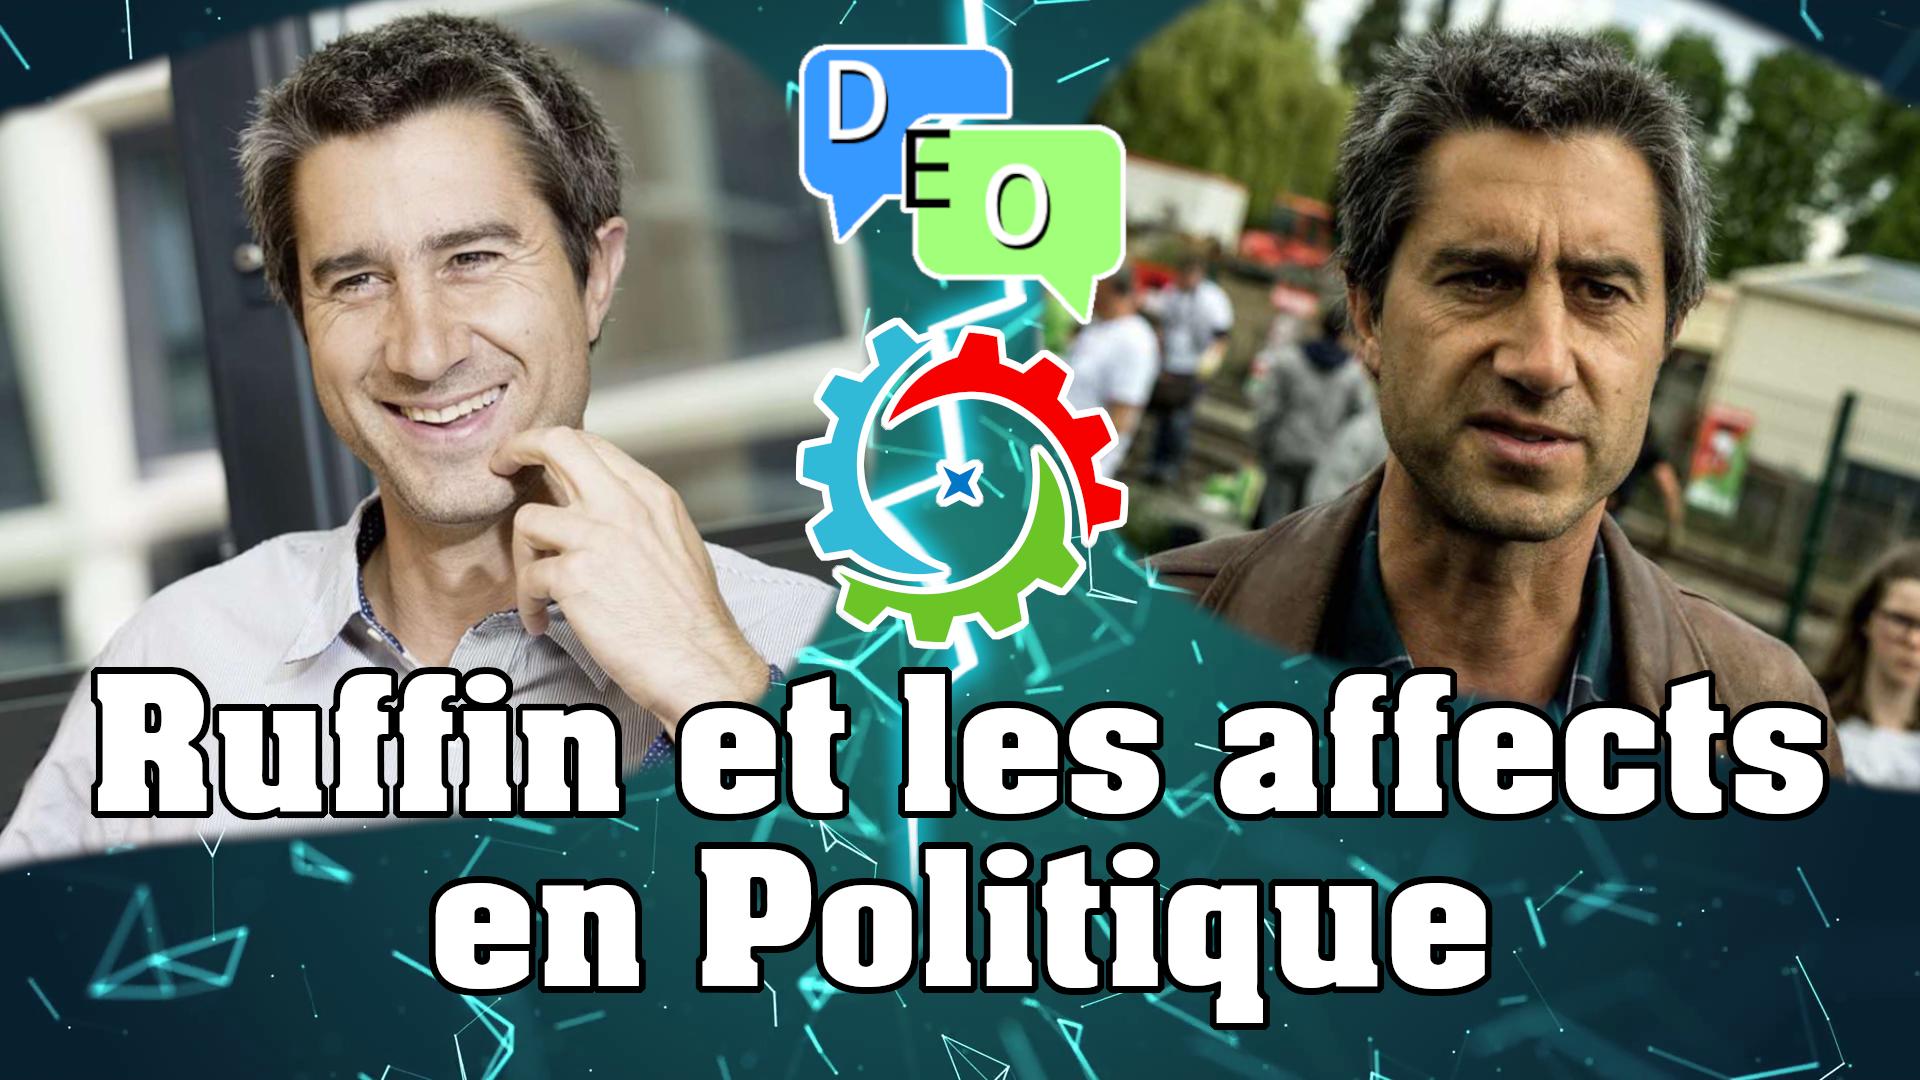 F. Ruffin et les affects en politique – DEO #13